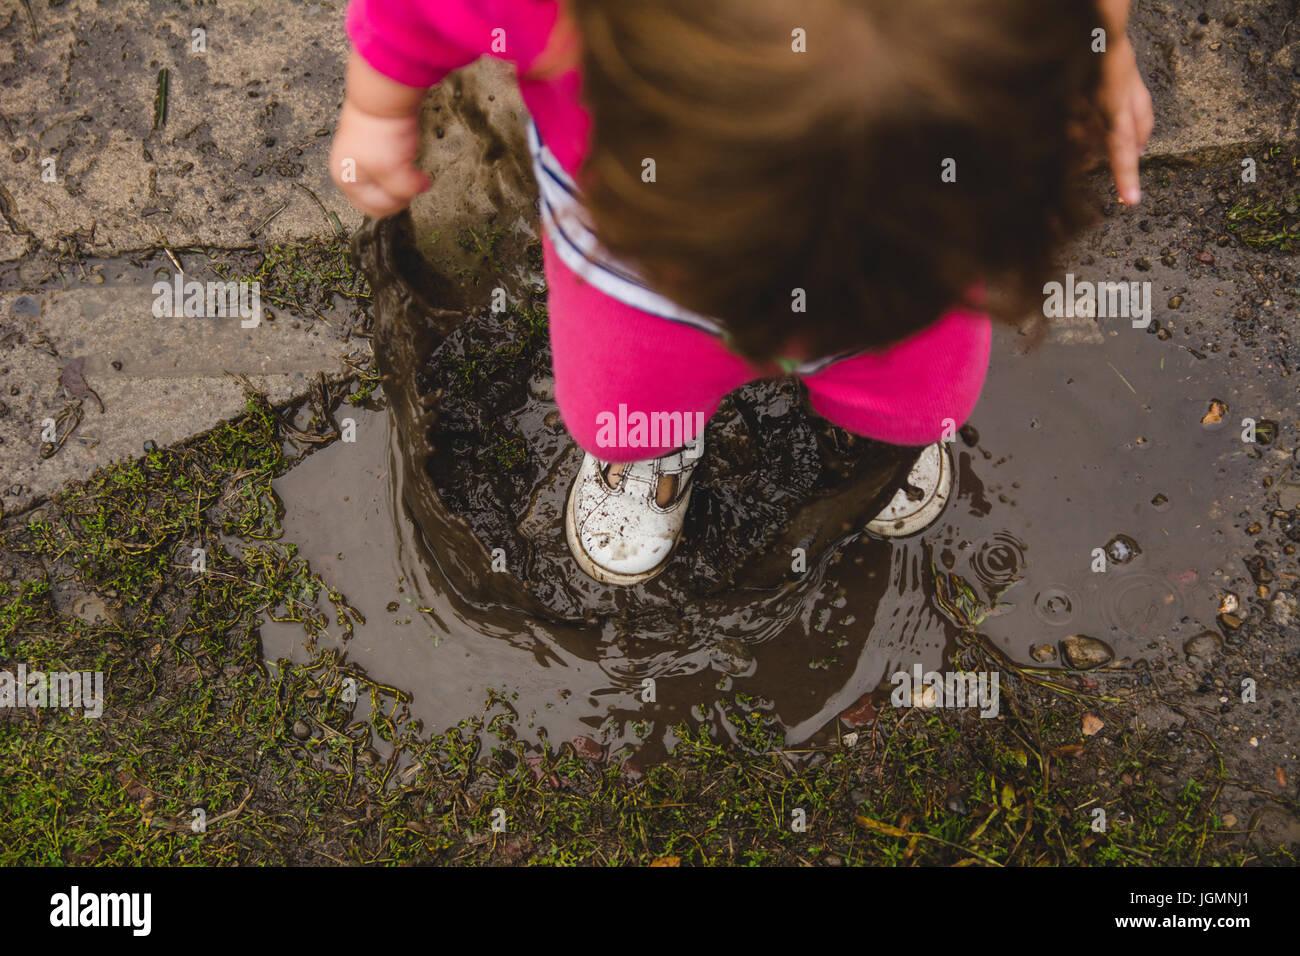 Une fillette de 2 ans en regardant le sol et flaque de boue, des éclaboussures dans une flaque de boue, faisant Photo Stock